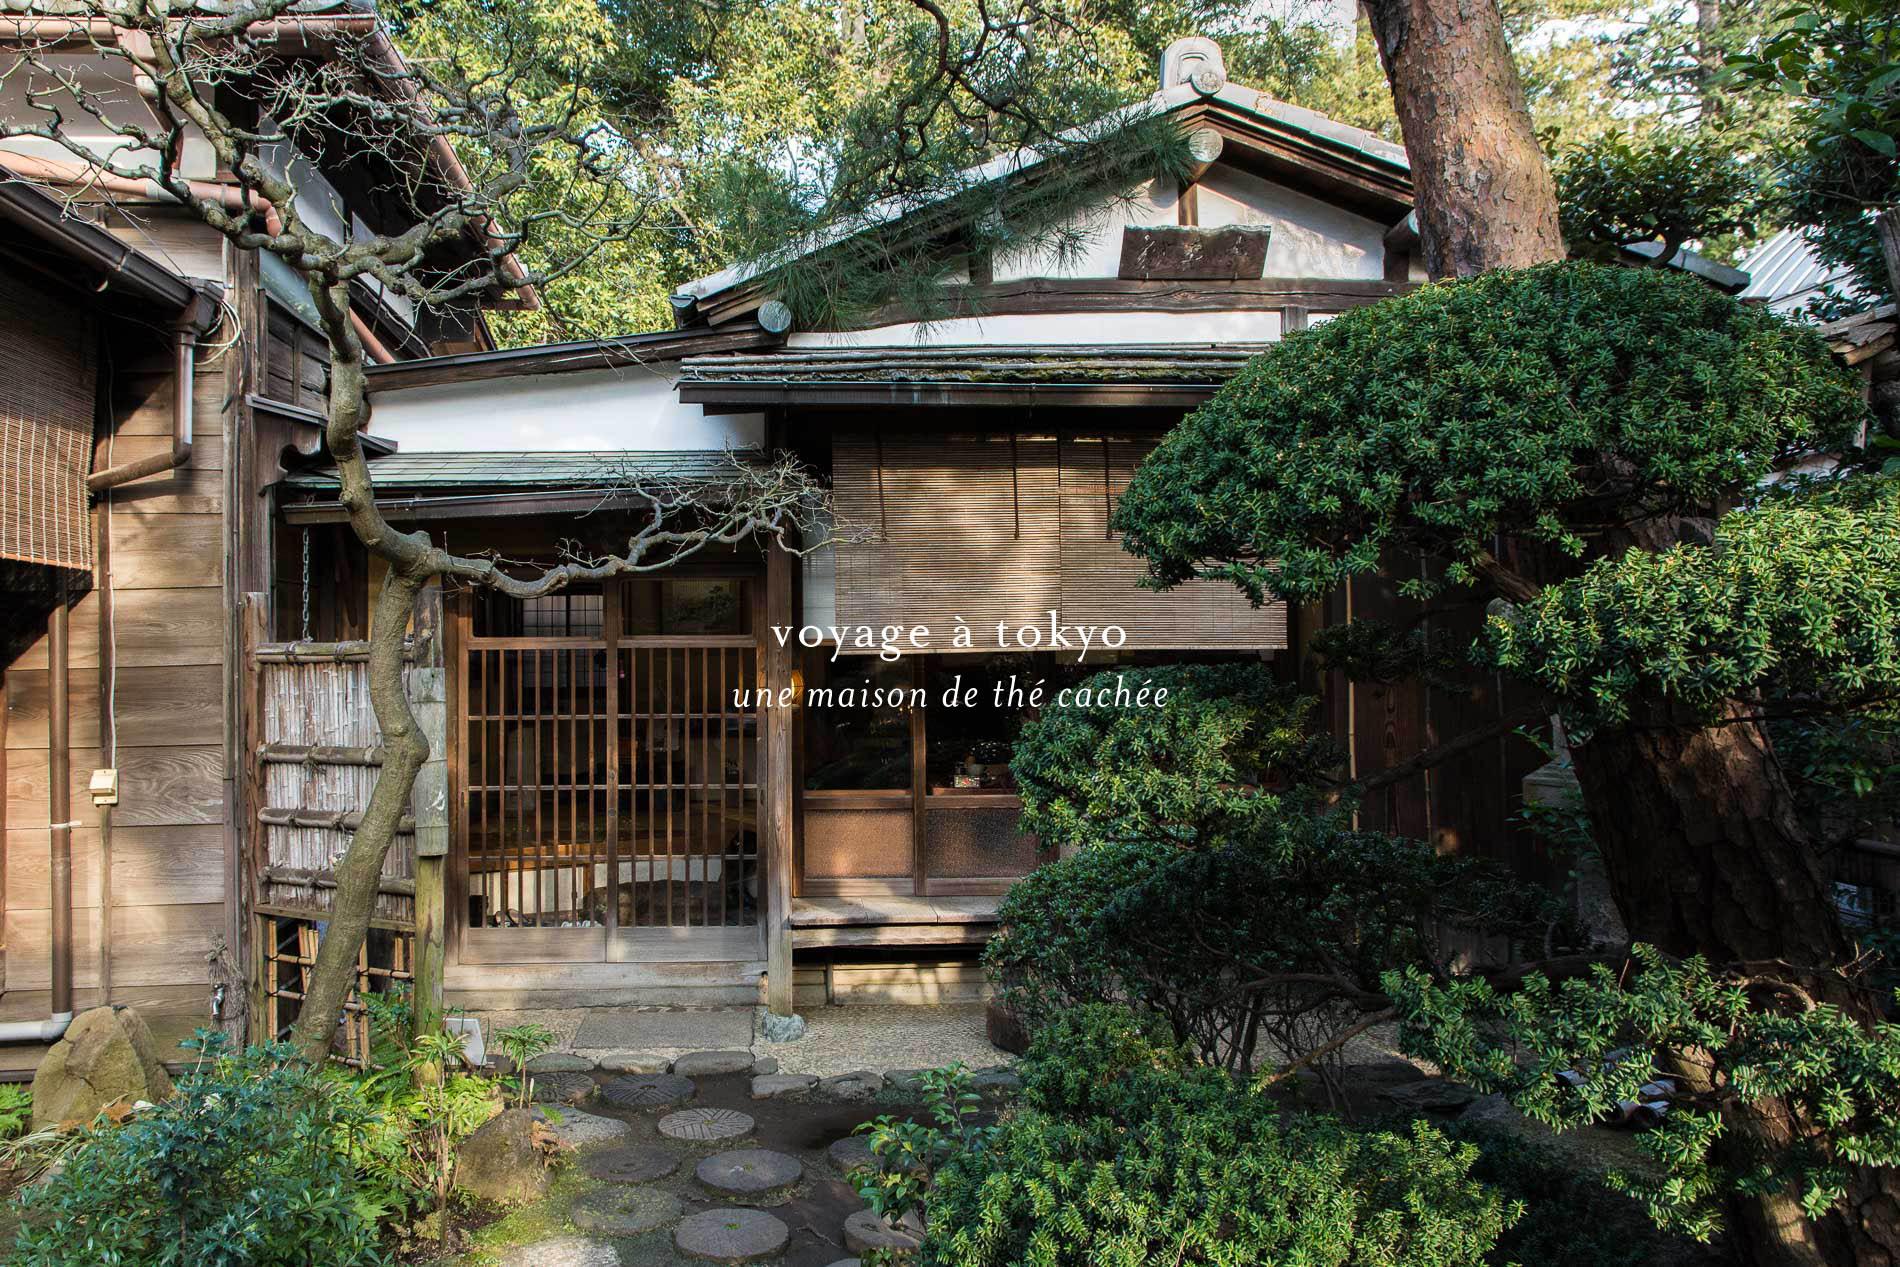 Voyage a tokyo kosoan la maison traditionnelle de th cach e le poly dre - Maison de tokyo paris ...